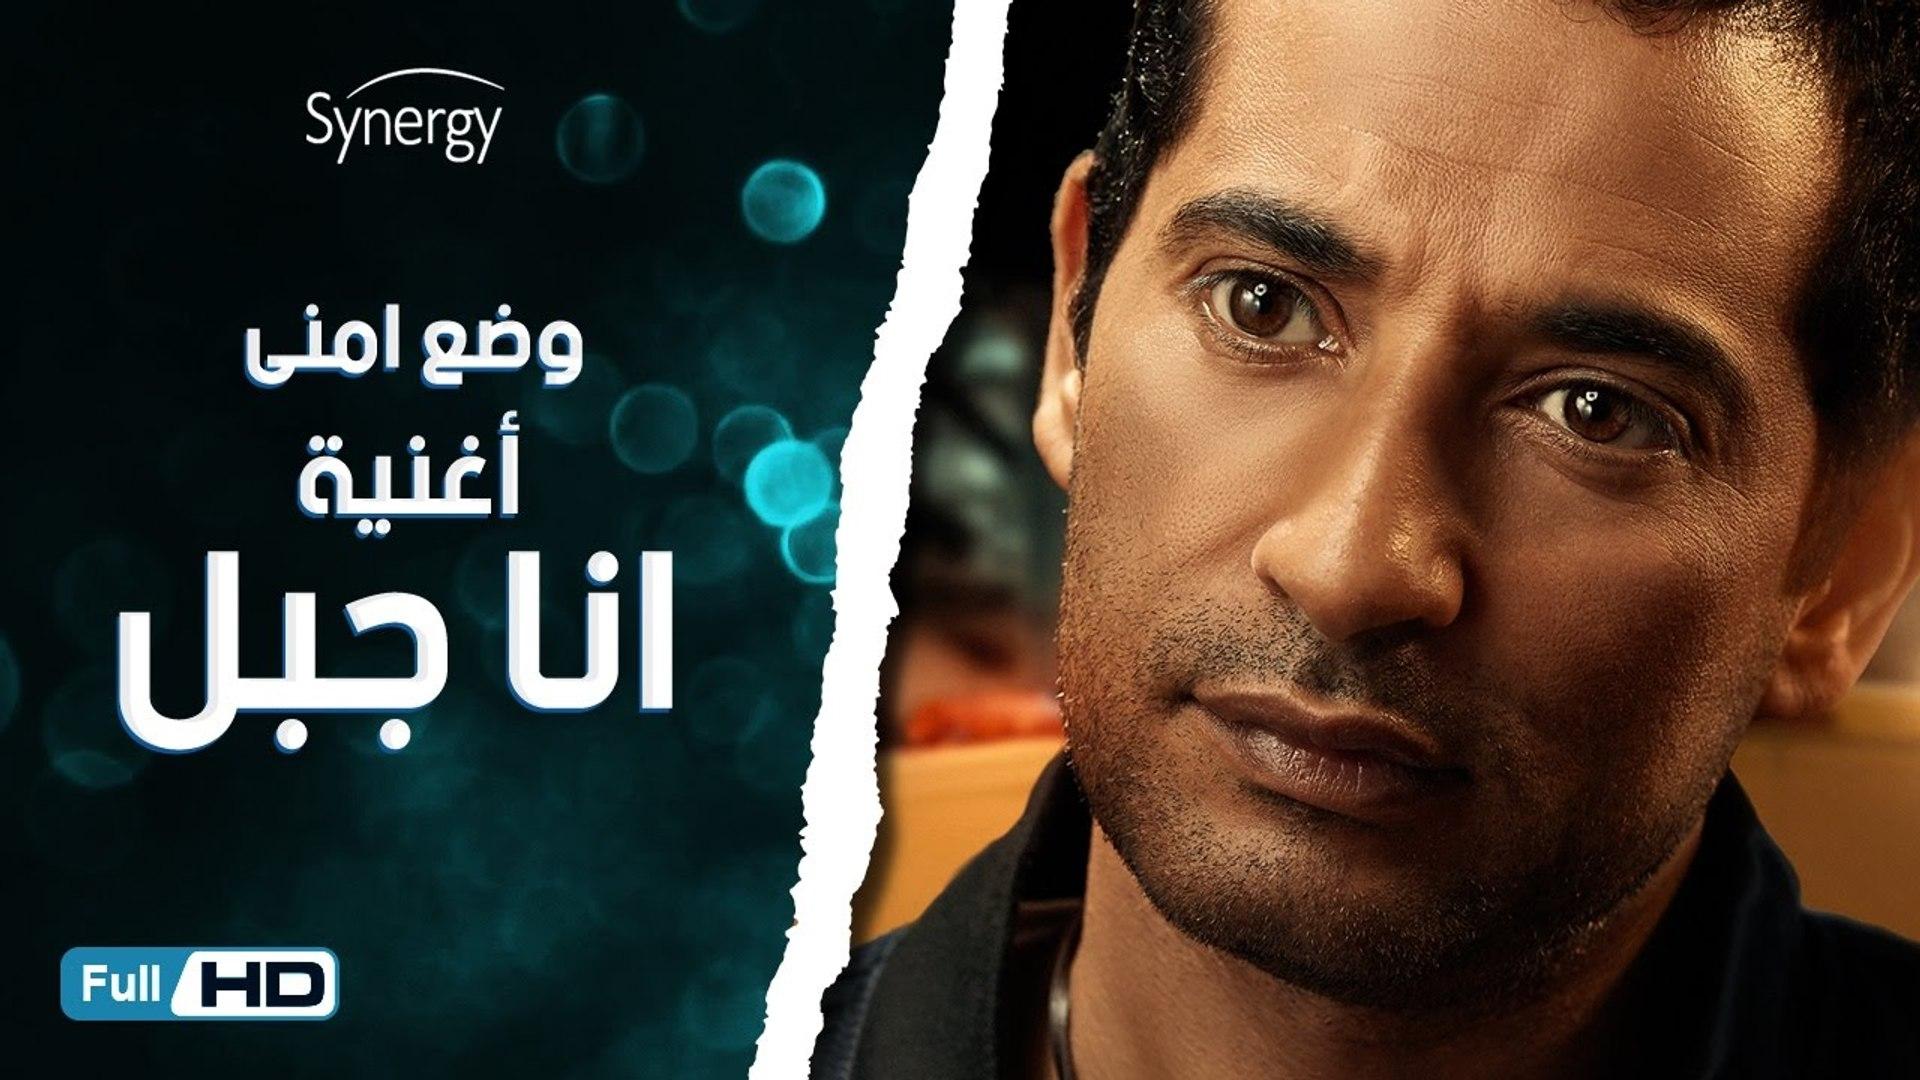 اغنية انا جبل من مسلسل وضع أمني للنجم عمرو سعد / غناء روبي / رمضان - Wad3 Amny Ramadan 2017